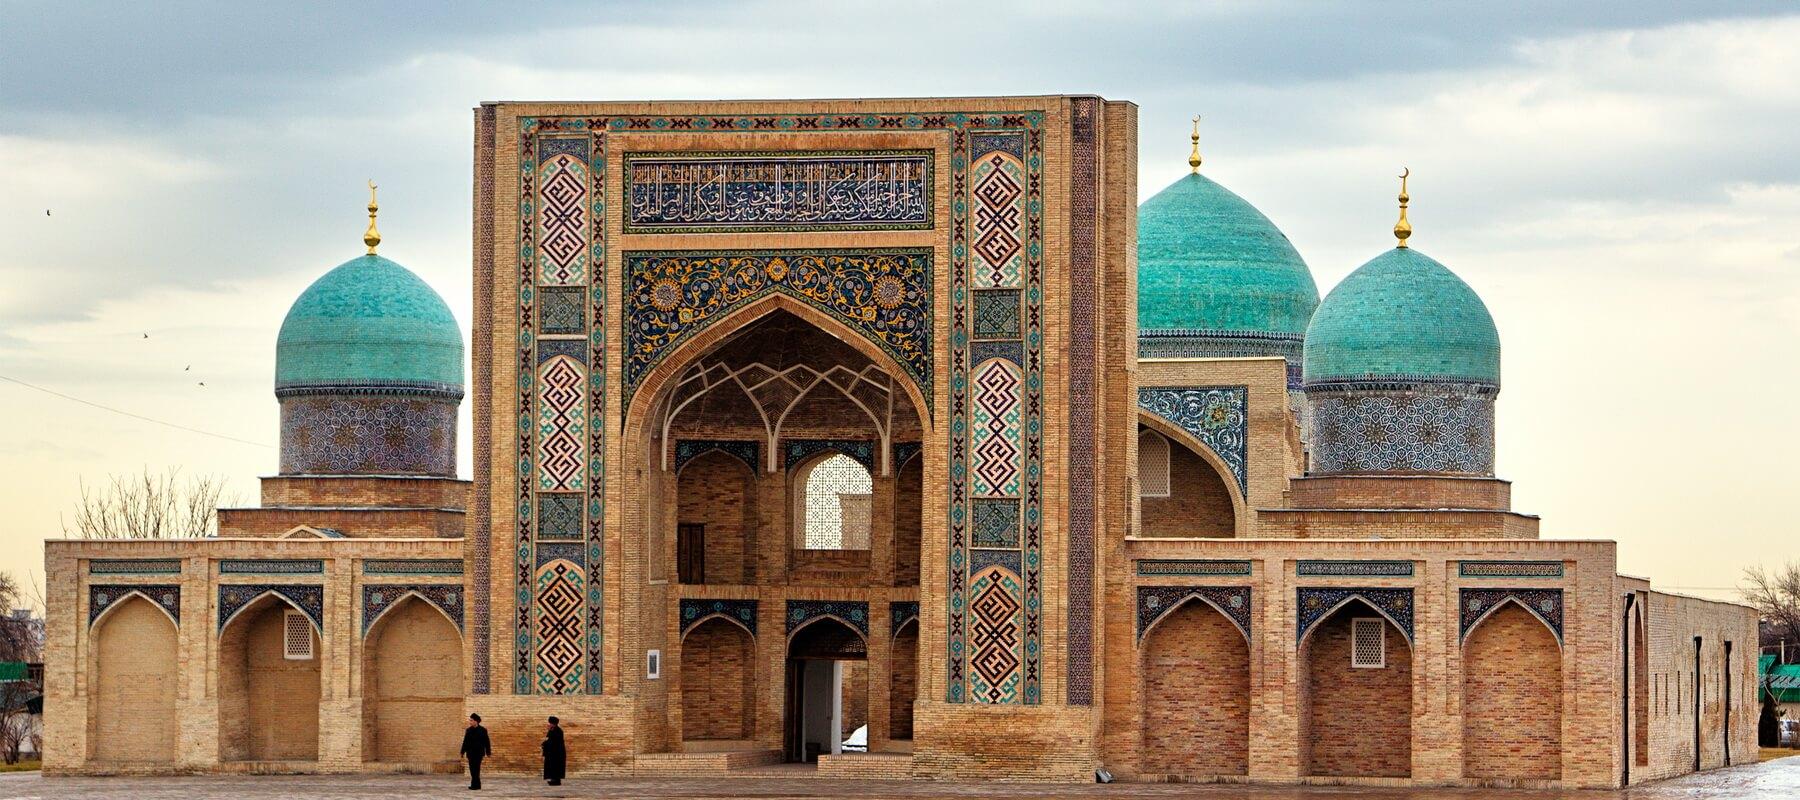 Der Hazrat Imam Platz mit der Hazrat Imam Moschee ist das religiöse Herz von Taschkent